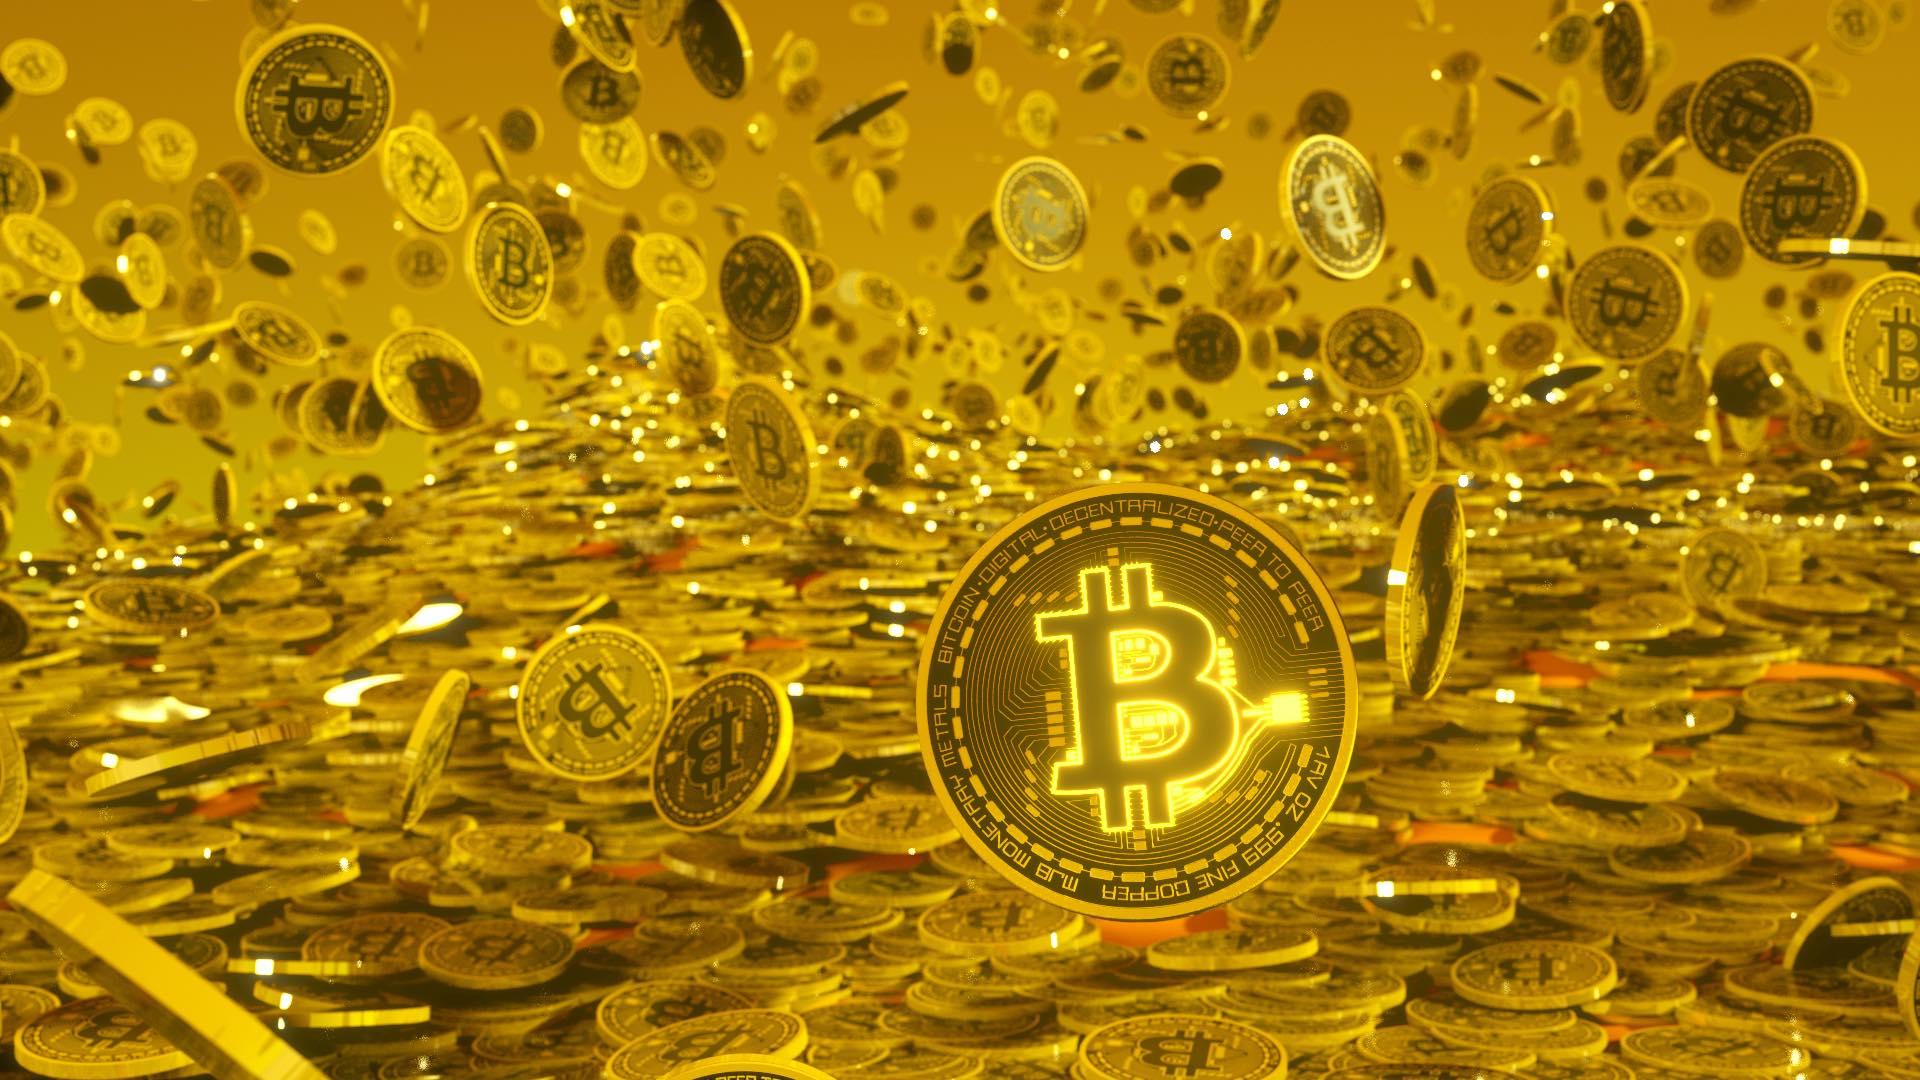 Silk Road: comment la justice a saisi pour 1 milliard de dollars de bitcoins du célèbre marché illégal